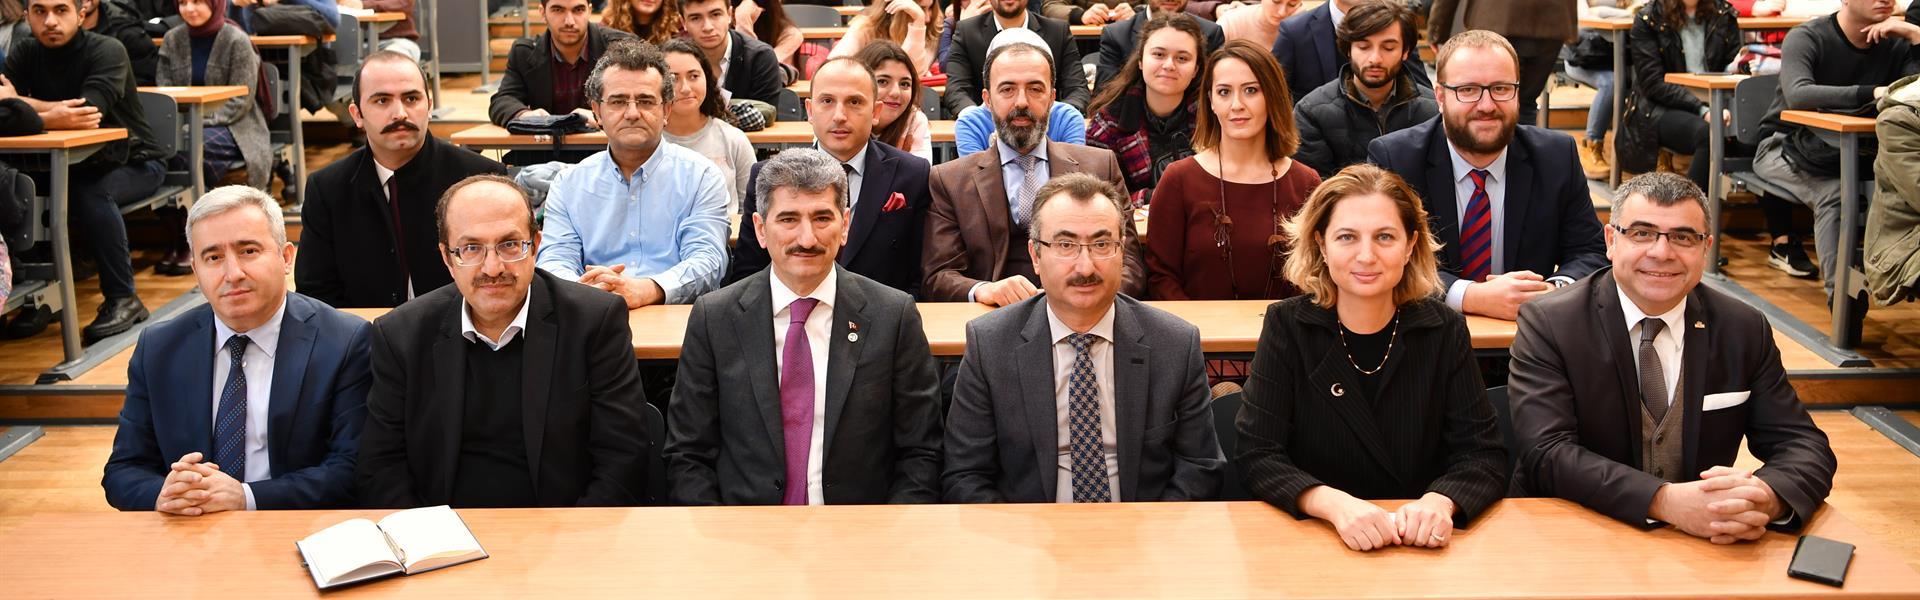 """""""Değişim-Yüzyılında-Değişen-Türkiye-ve-Kamuda-Dönüşüm""""-Paneli-İstanbul-Üniversitesi'nde-Gerçekleştirildi"""